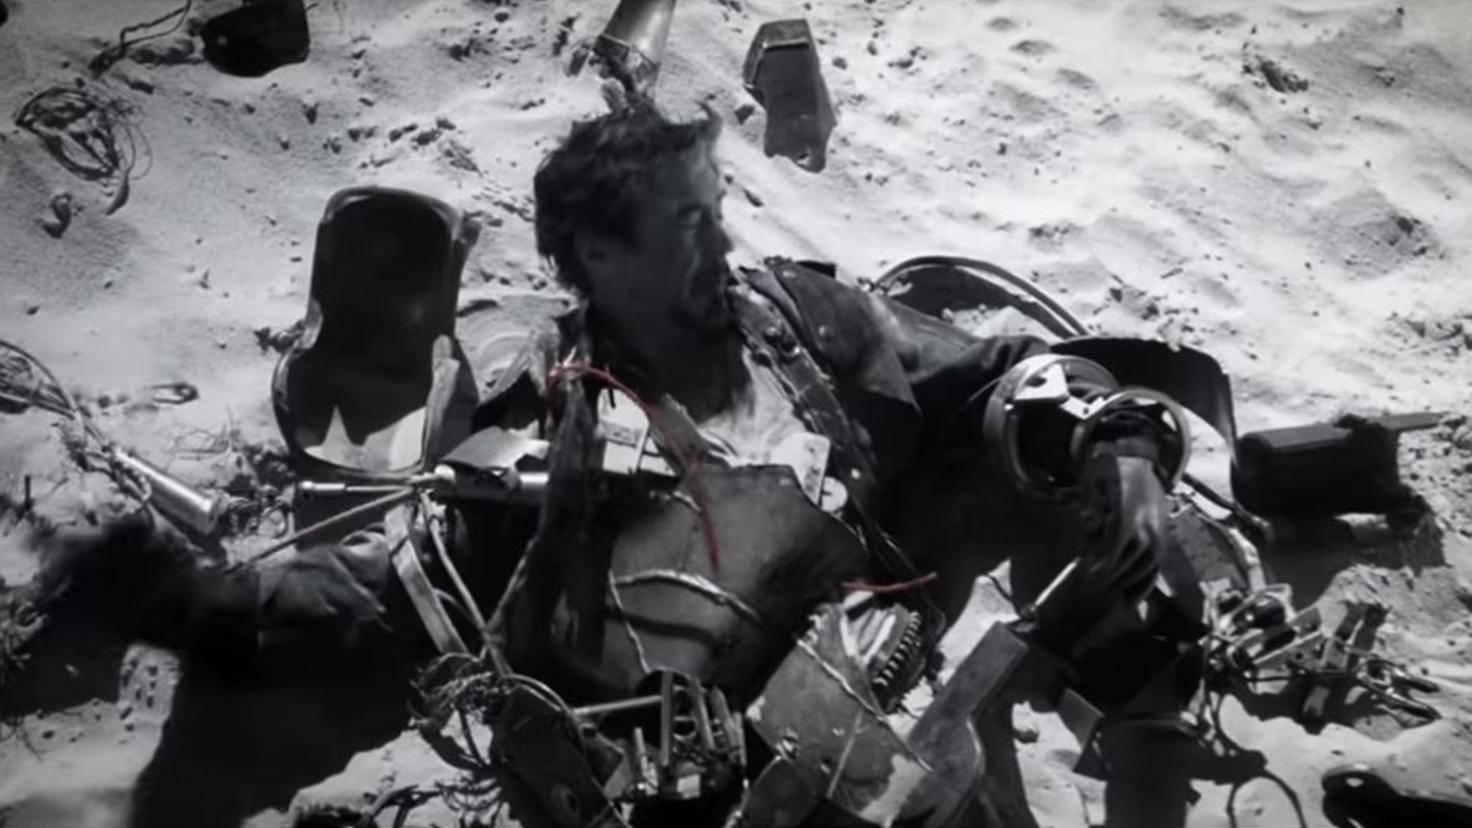 Avengers Endgame Trailer Flashback